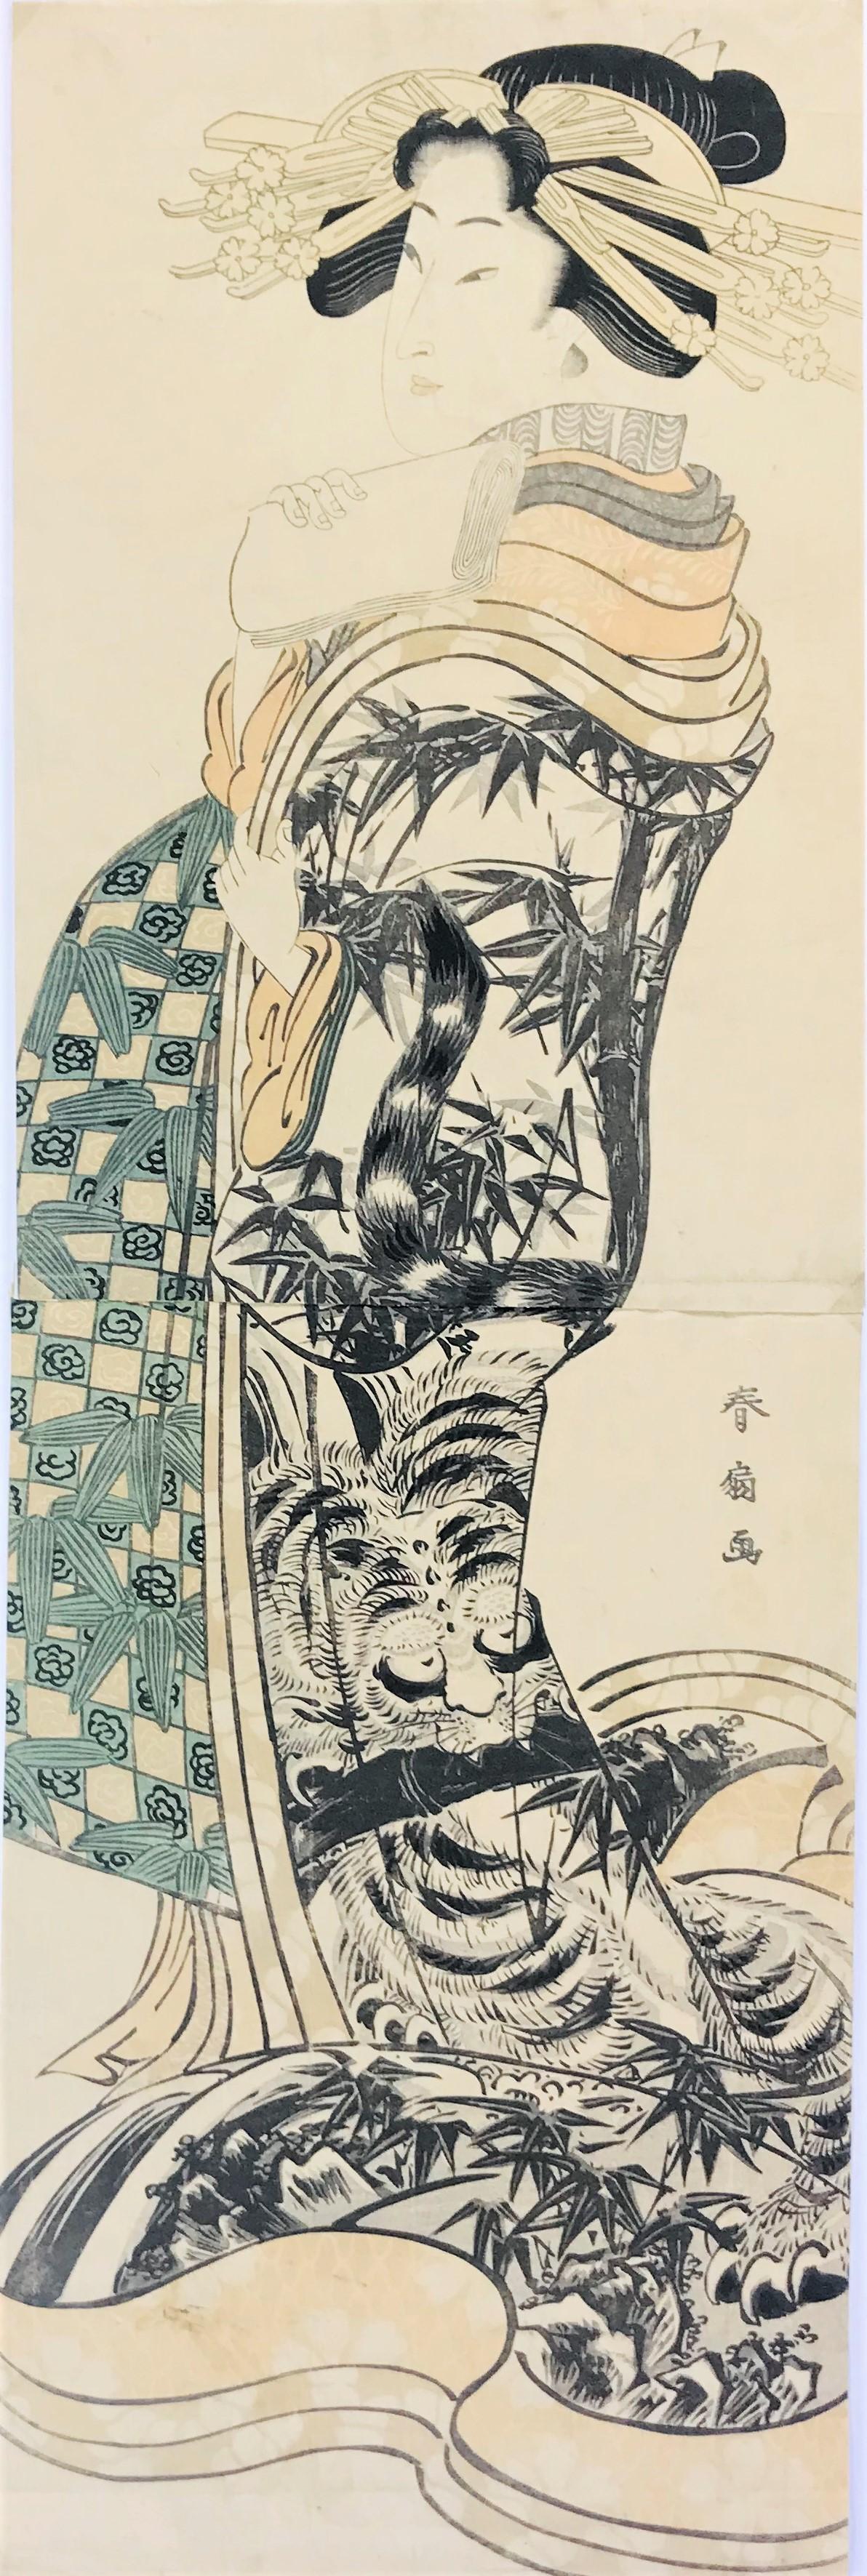 Vente Japon, Estampes et Livres Anciens chez Bado e Mart Auctions : 304 lots